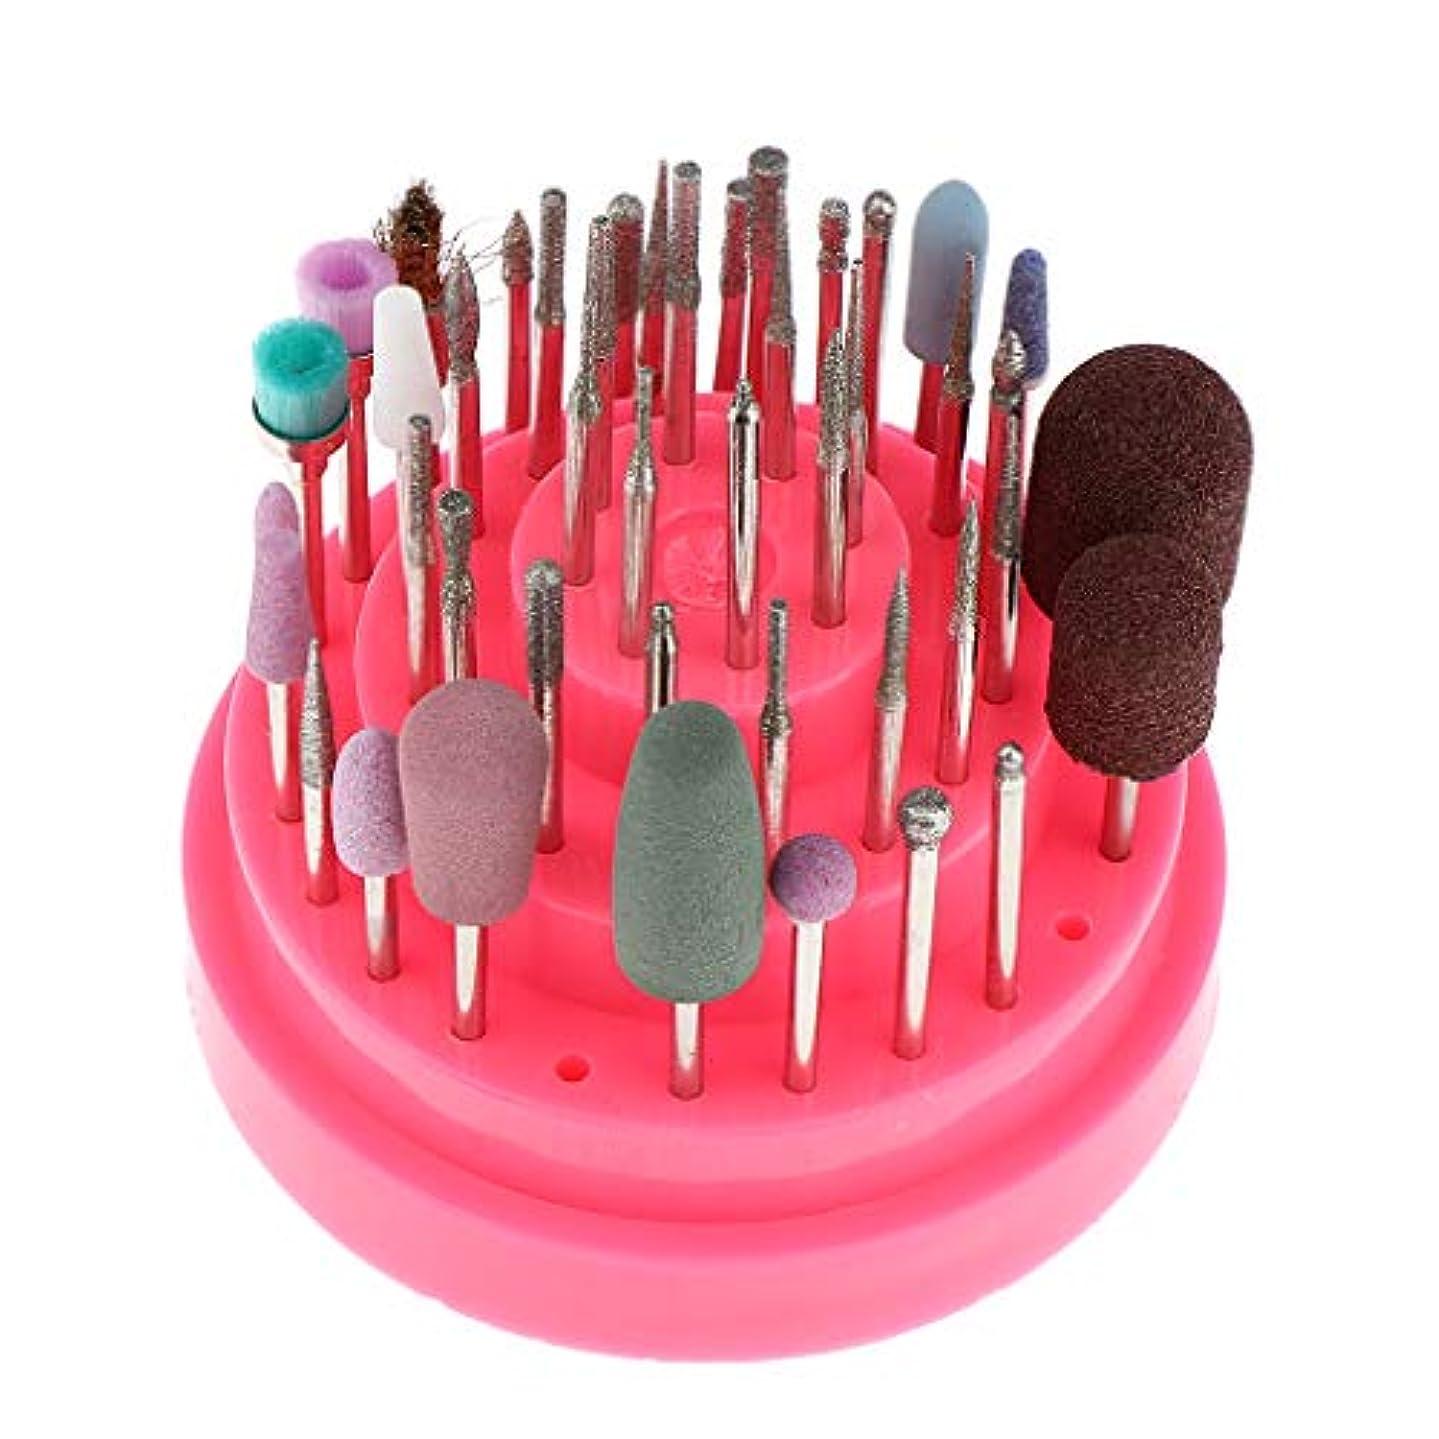 抽象オート差し引くToygogo 専門の釘の先端の粉砕の頭部のタングステンの釘の穴あけ工具セット - ピンク